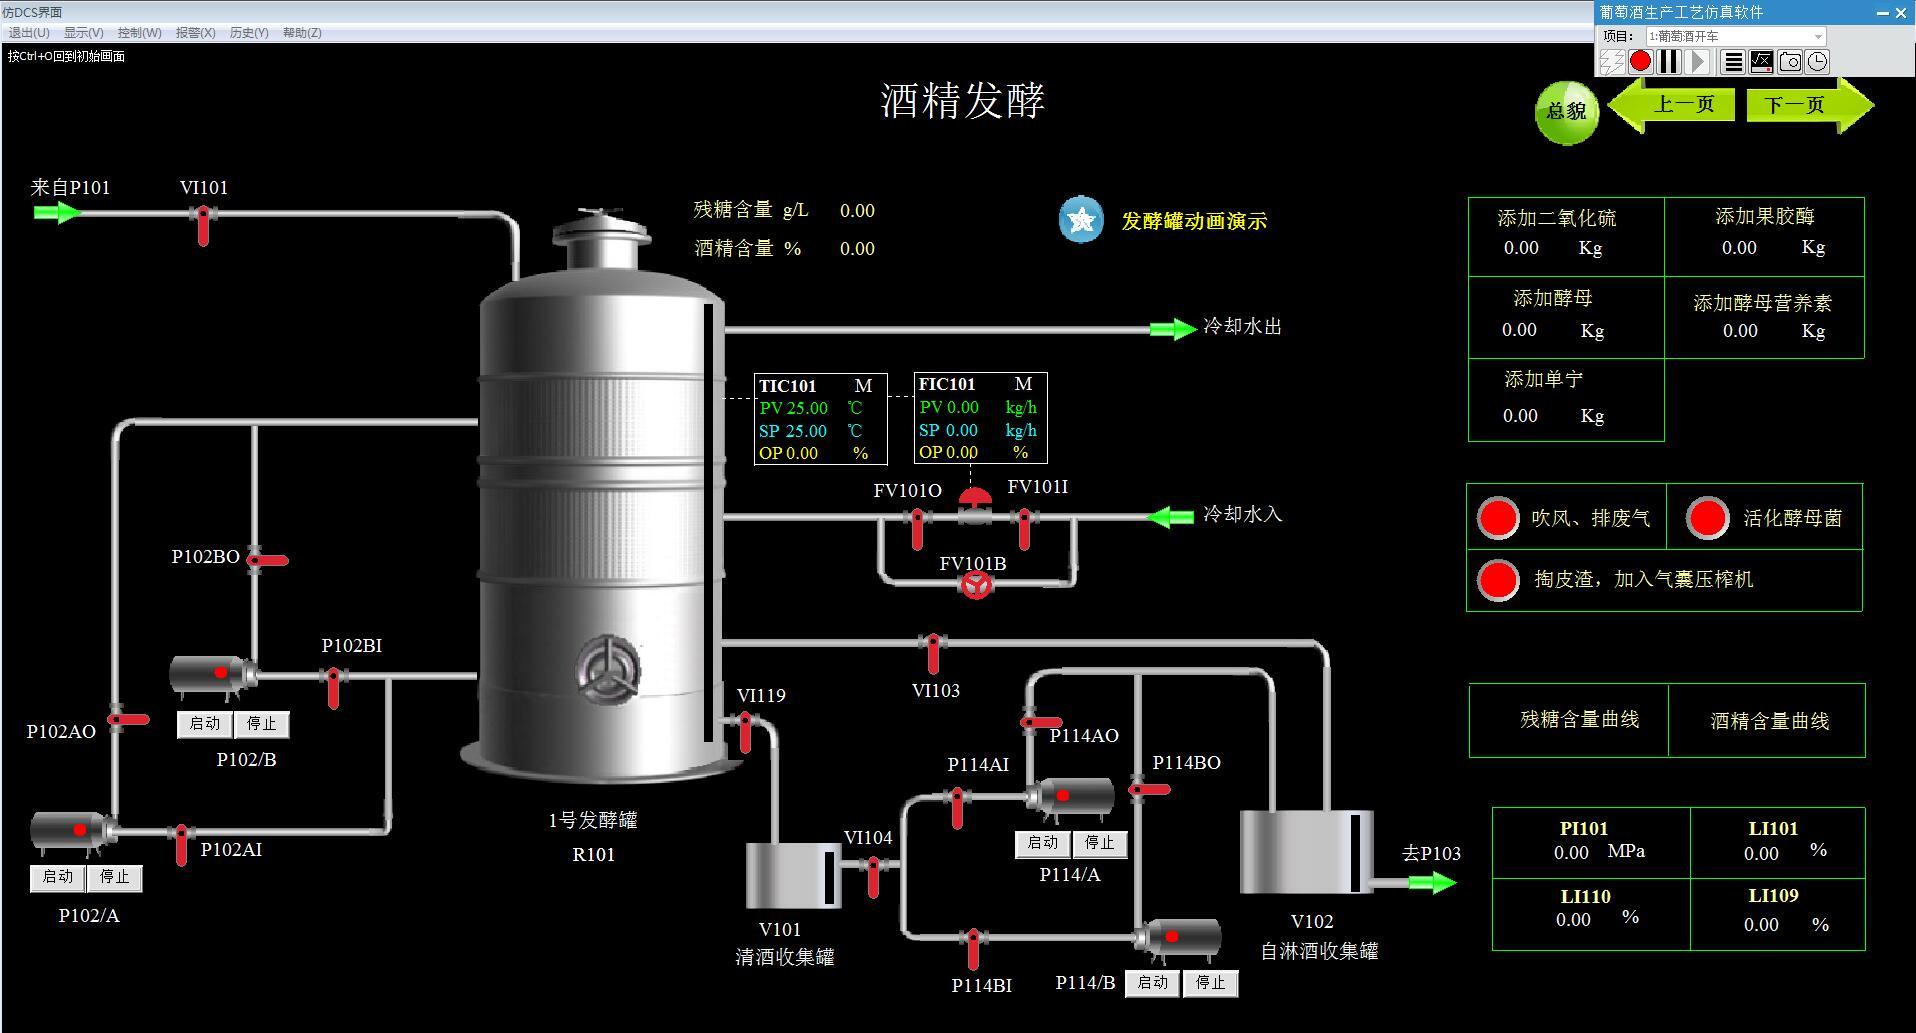 葡萄酒生产工艺虚拟仿真软件